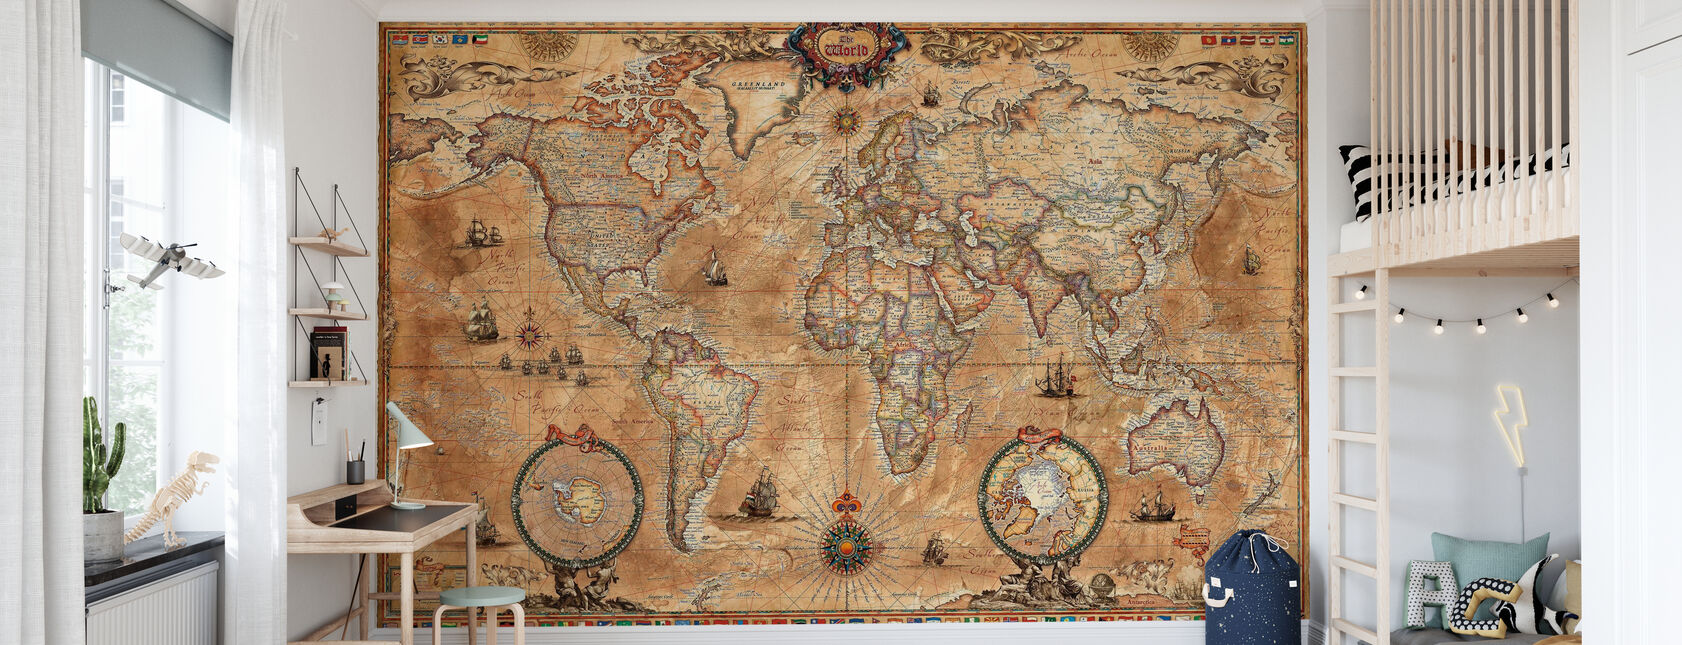 Pergament Map - Tapetti - Lastenhuone